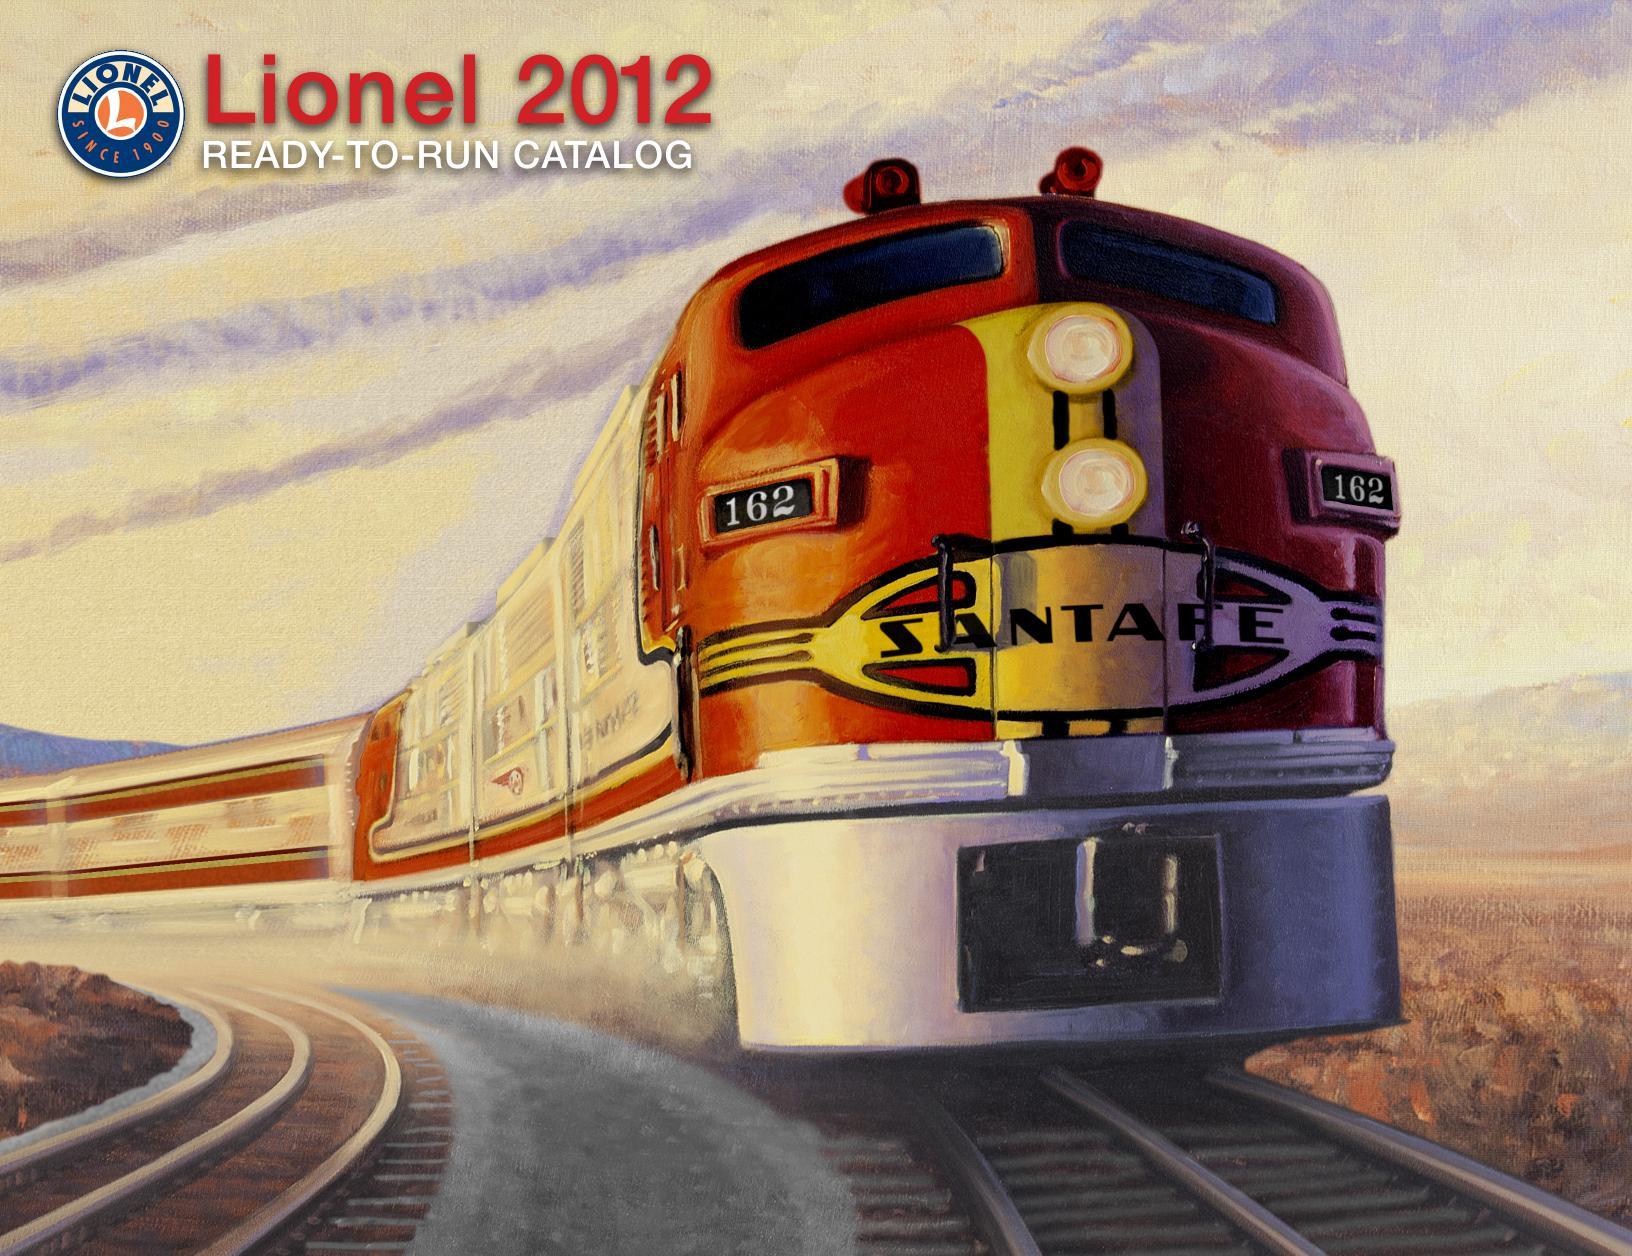 Lionel Catalogs - Ready To Run 2012